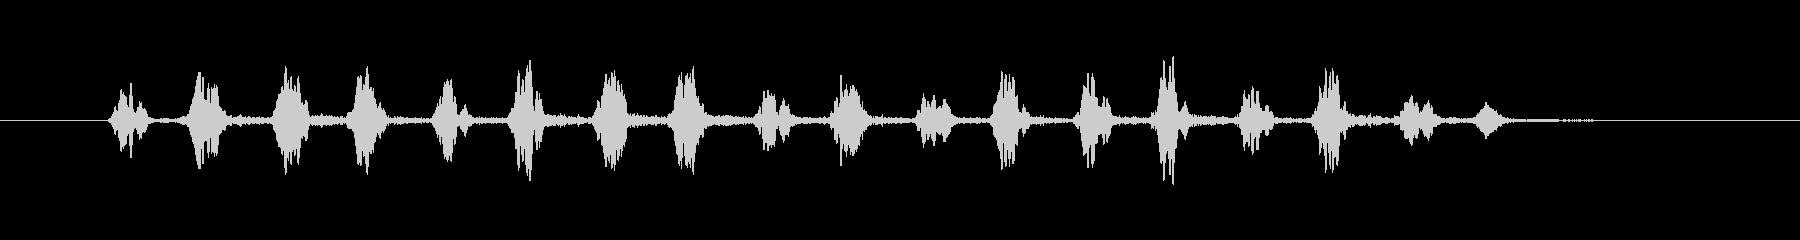 ピヨピヨという鳥の鳴き声や混乱状態のSEの未再生の波形